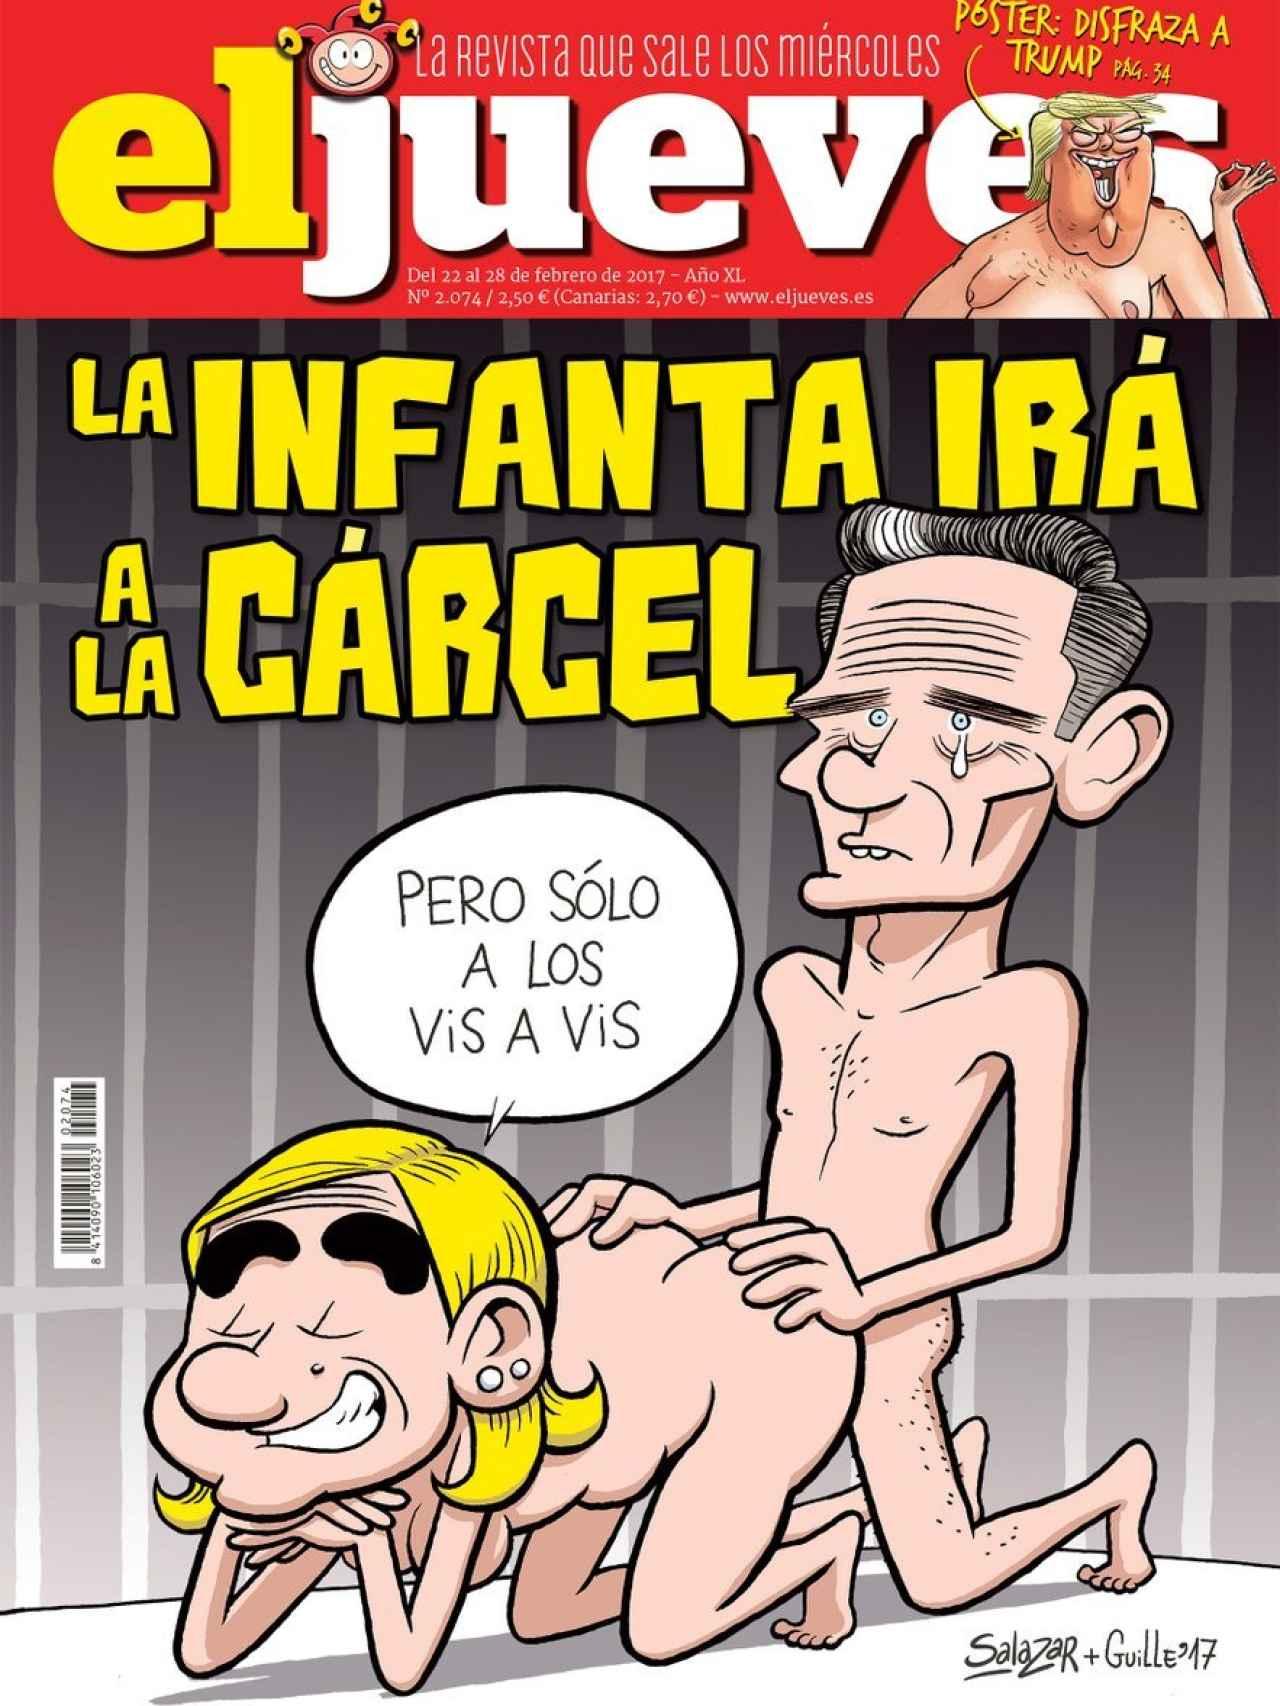 La portada del último número de El Jueves es muy similar a la que fue secuestrada en 2007 por el juez Del Olmo